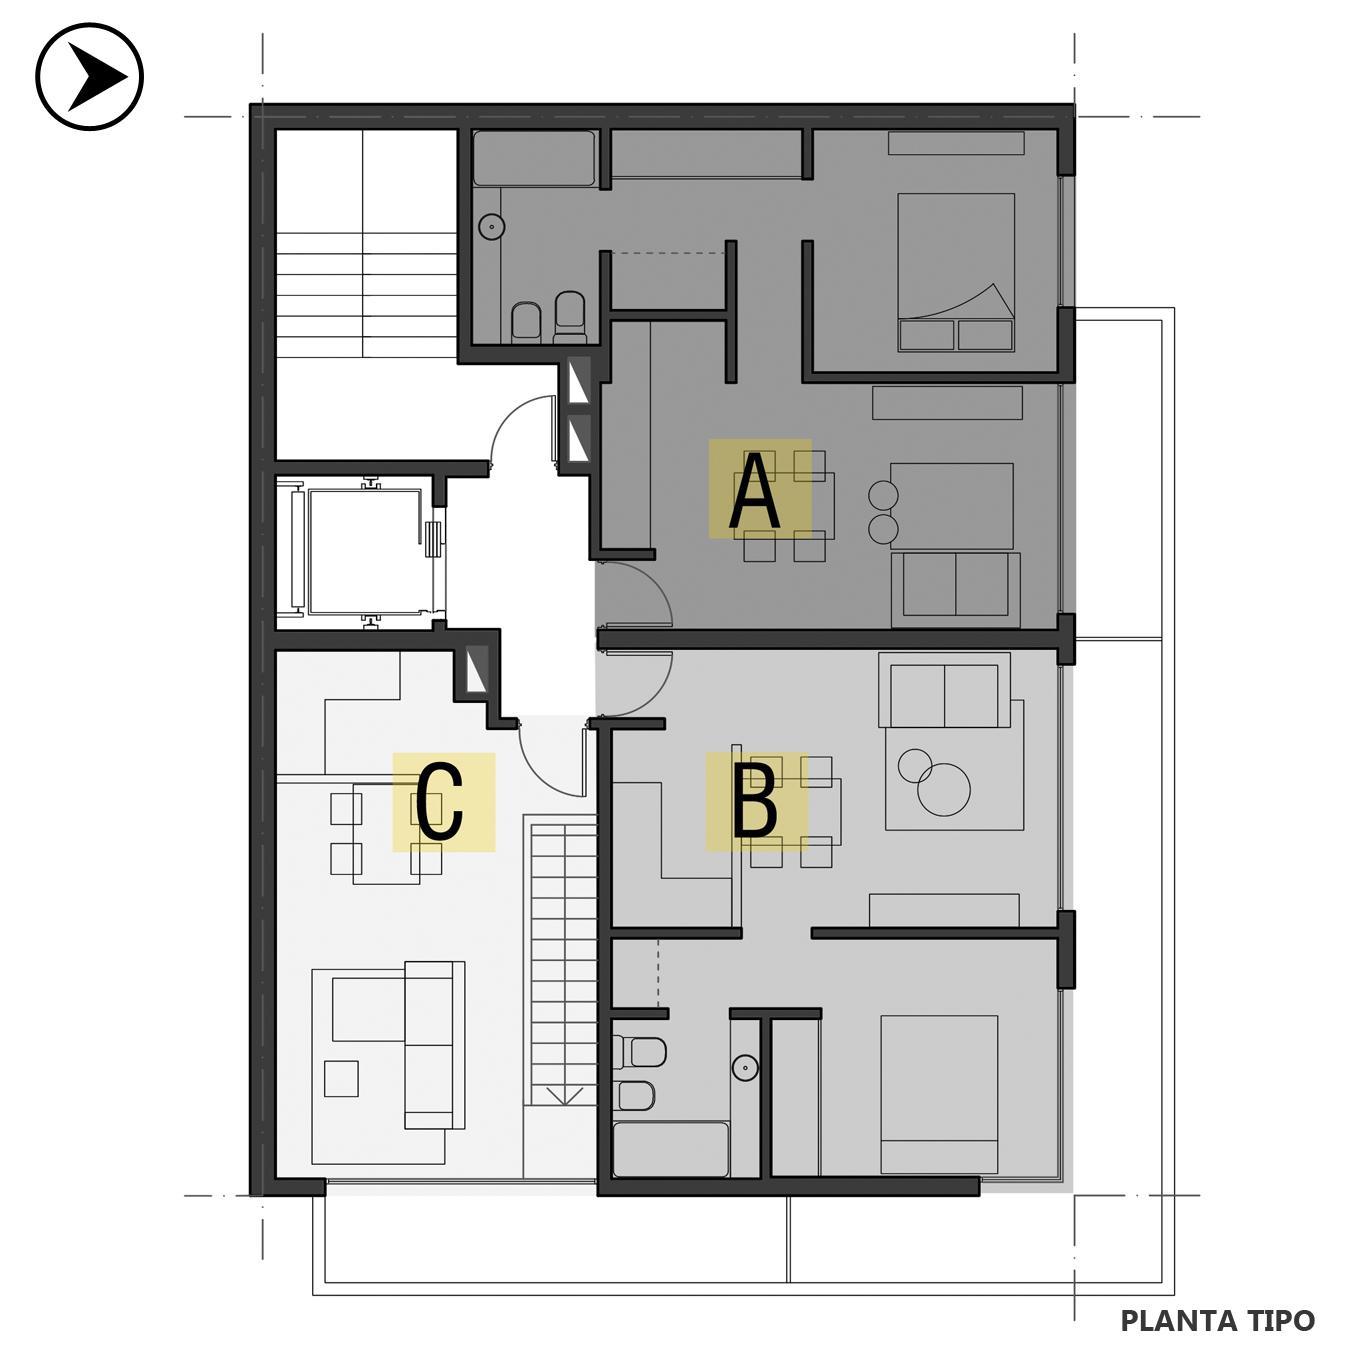 Venta departamento 3 dormitorios Rosario, Centro. Cod CBU24188 AP2257998. Crestale Propiedades